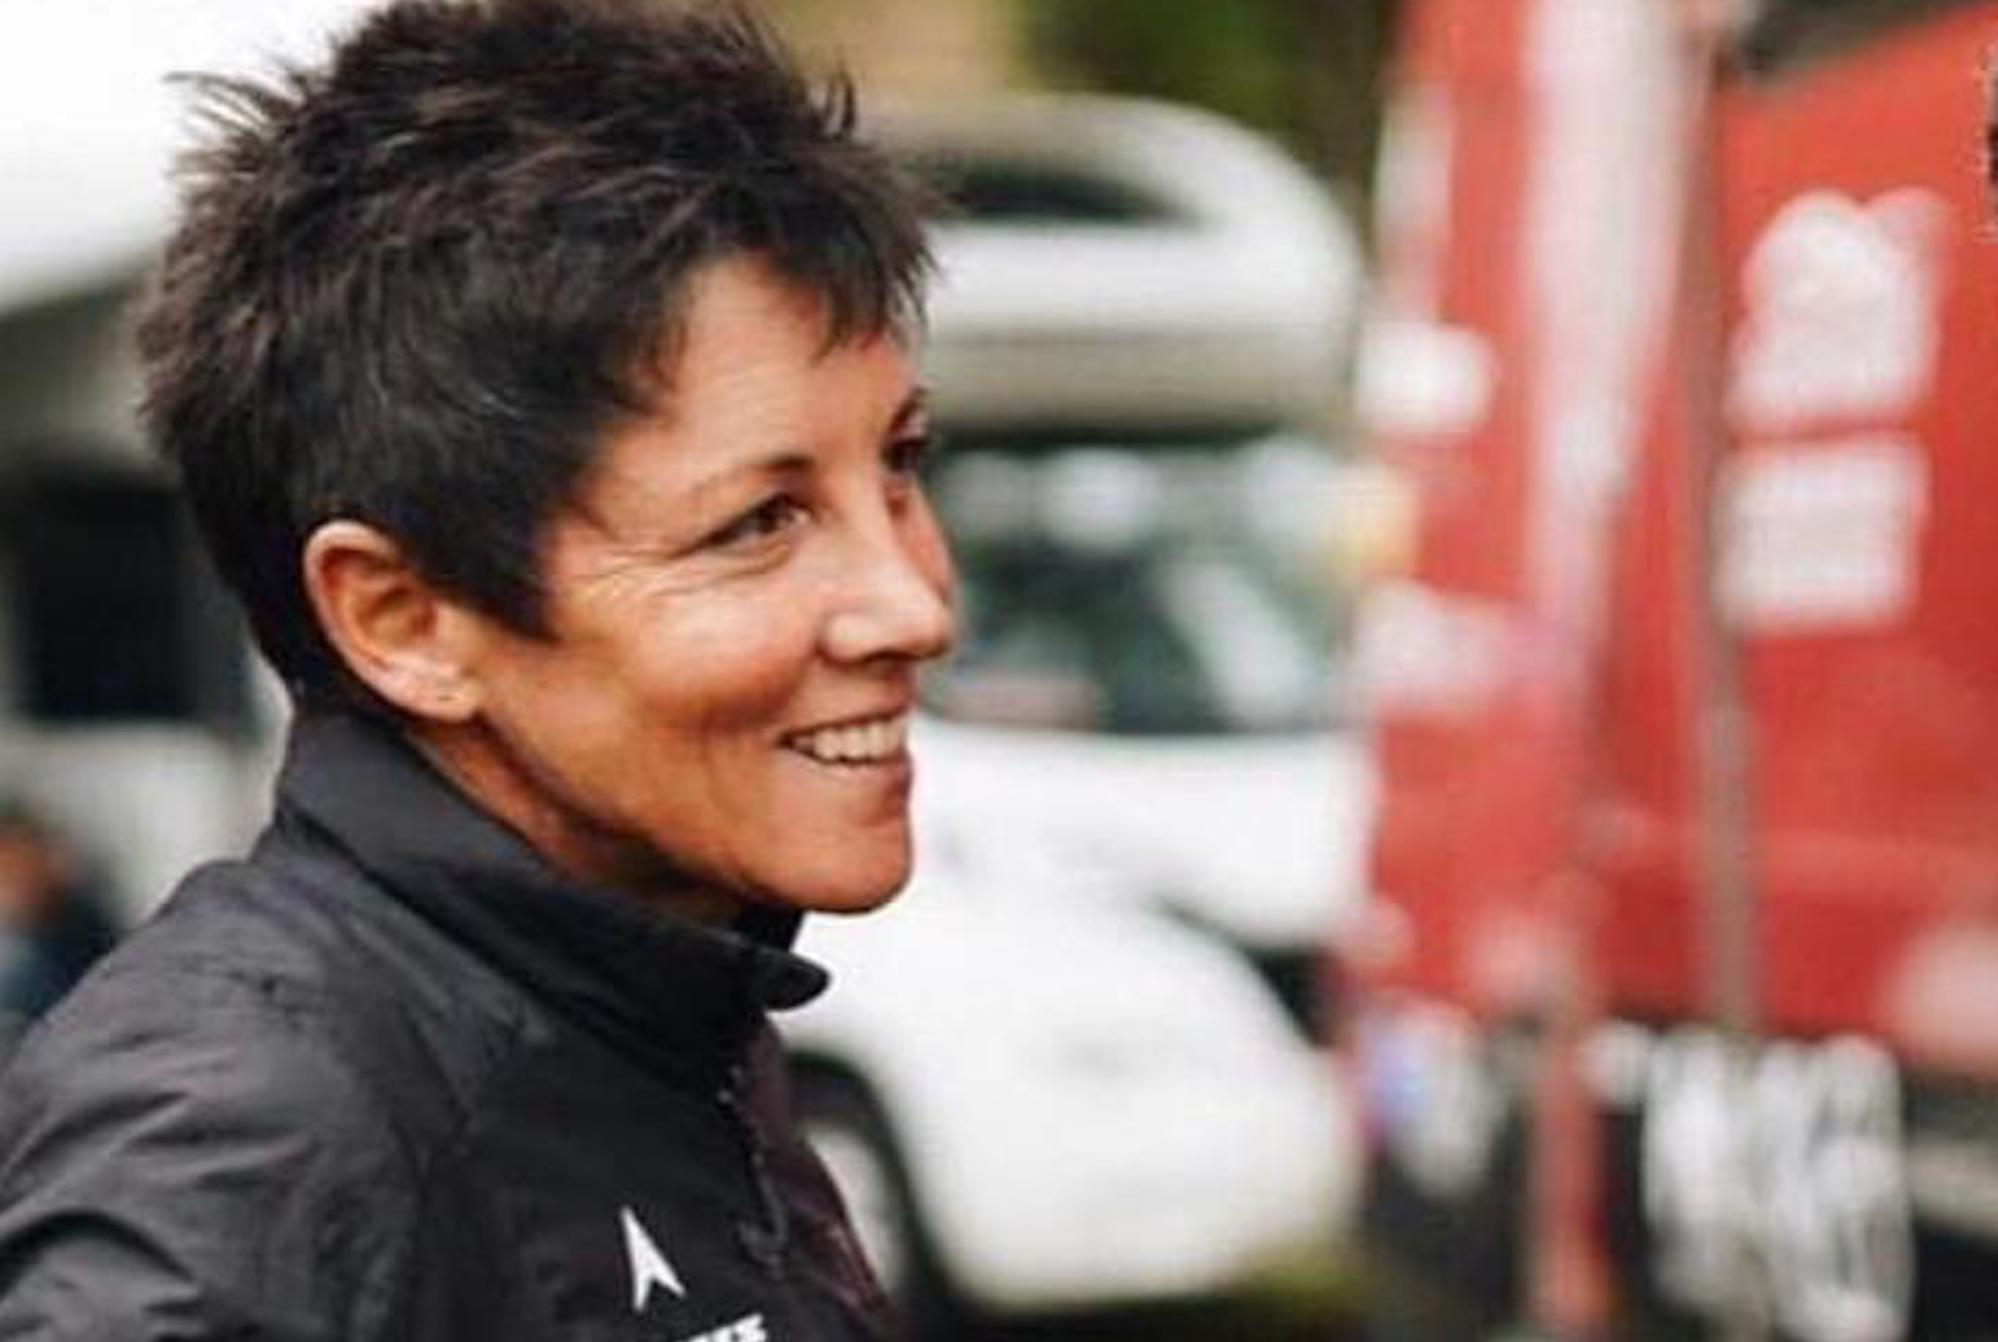 Cherie Pridham wordt de eerste vrouw die de rol van sportdirecteur op zich neemt op WorldTour-niveau voor mannen